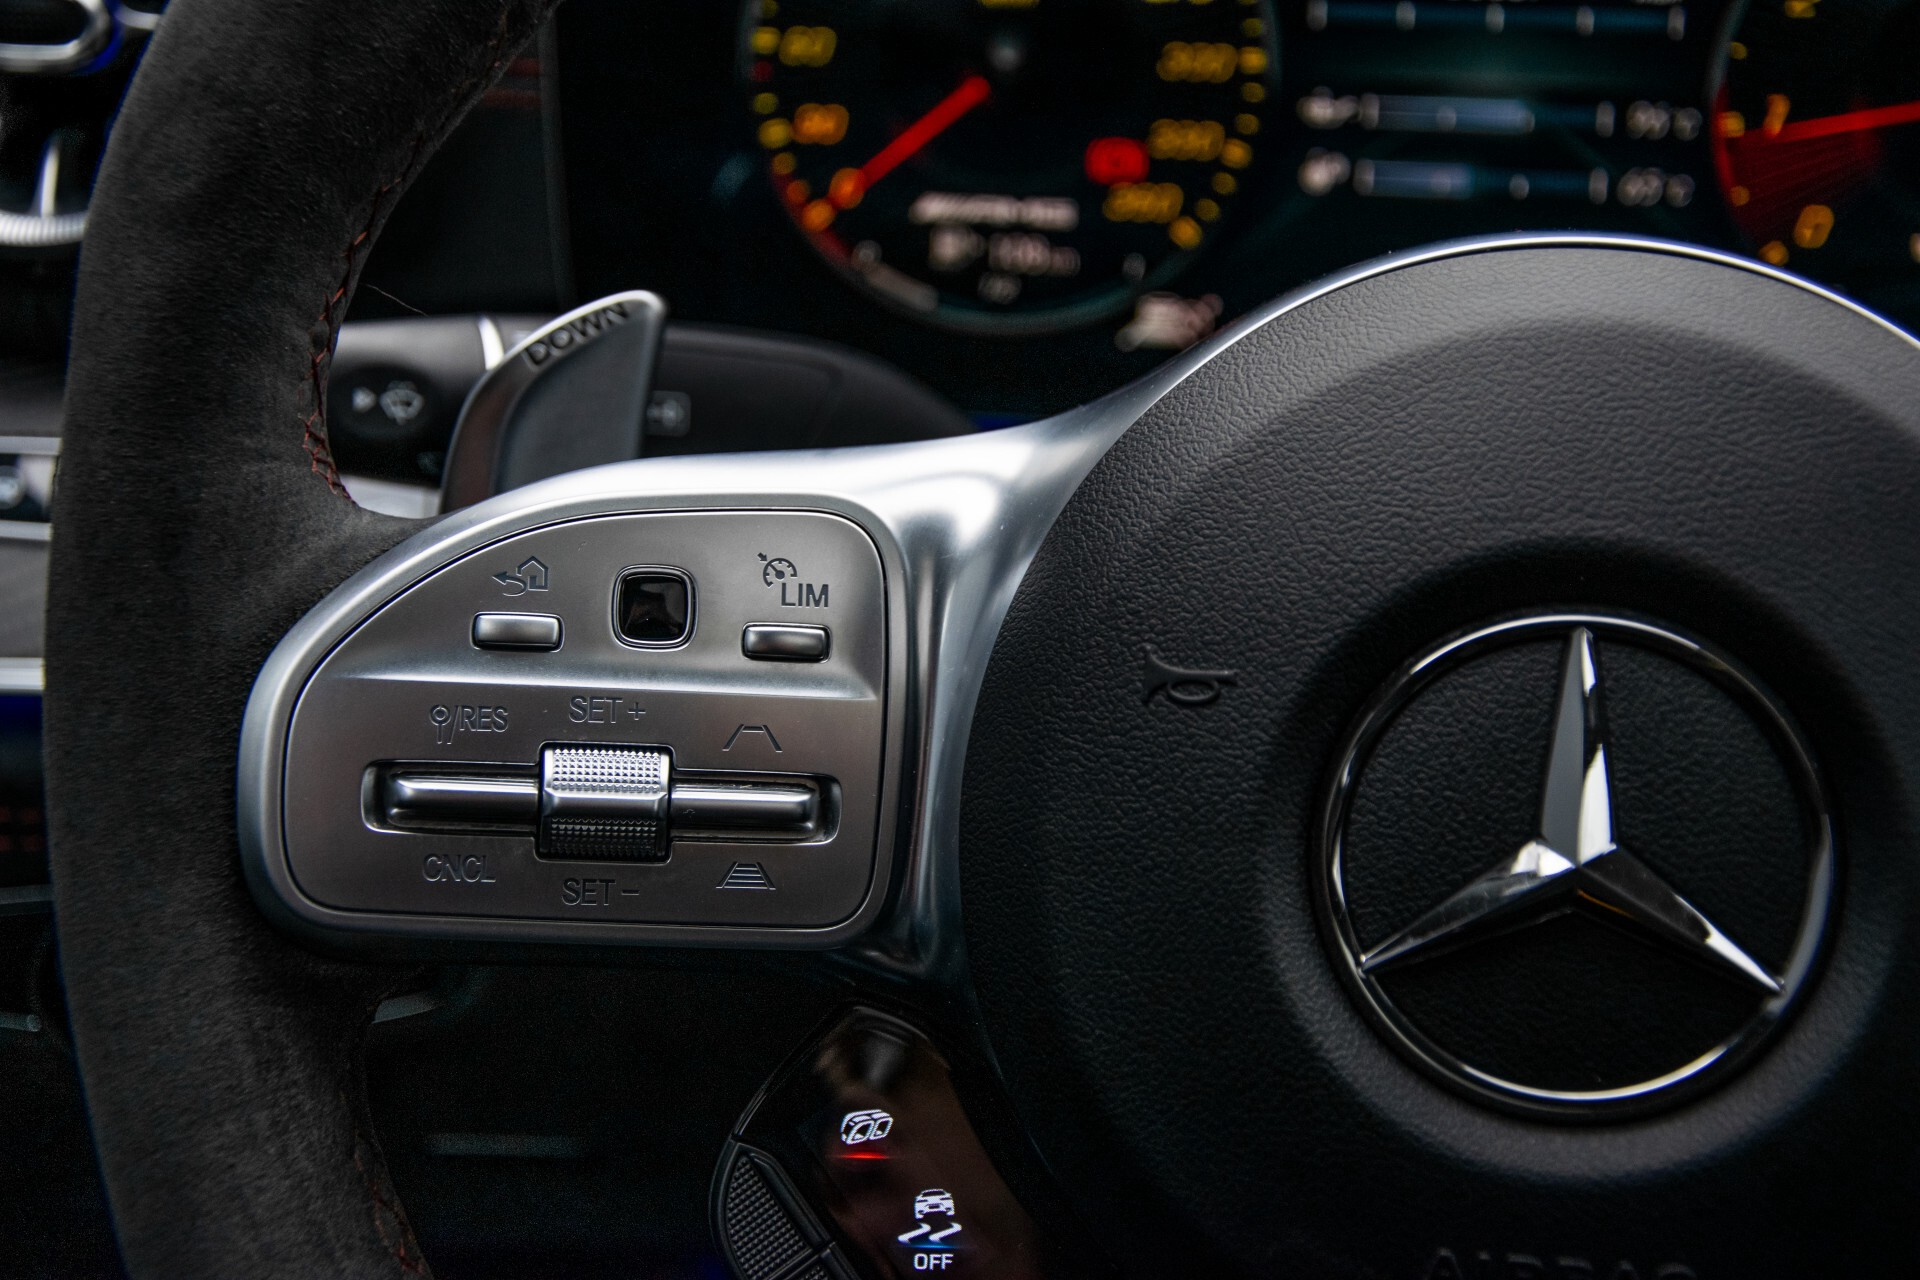 Mercedes-Benz AMG GT 4-Door Coupe 63 S 4M+ Keramisch/Full Carbon/Aerodynamica/Burmester 3D/TV/Performance stoelen/Standkachel Aut9 Foto 9